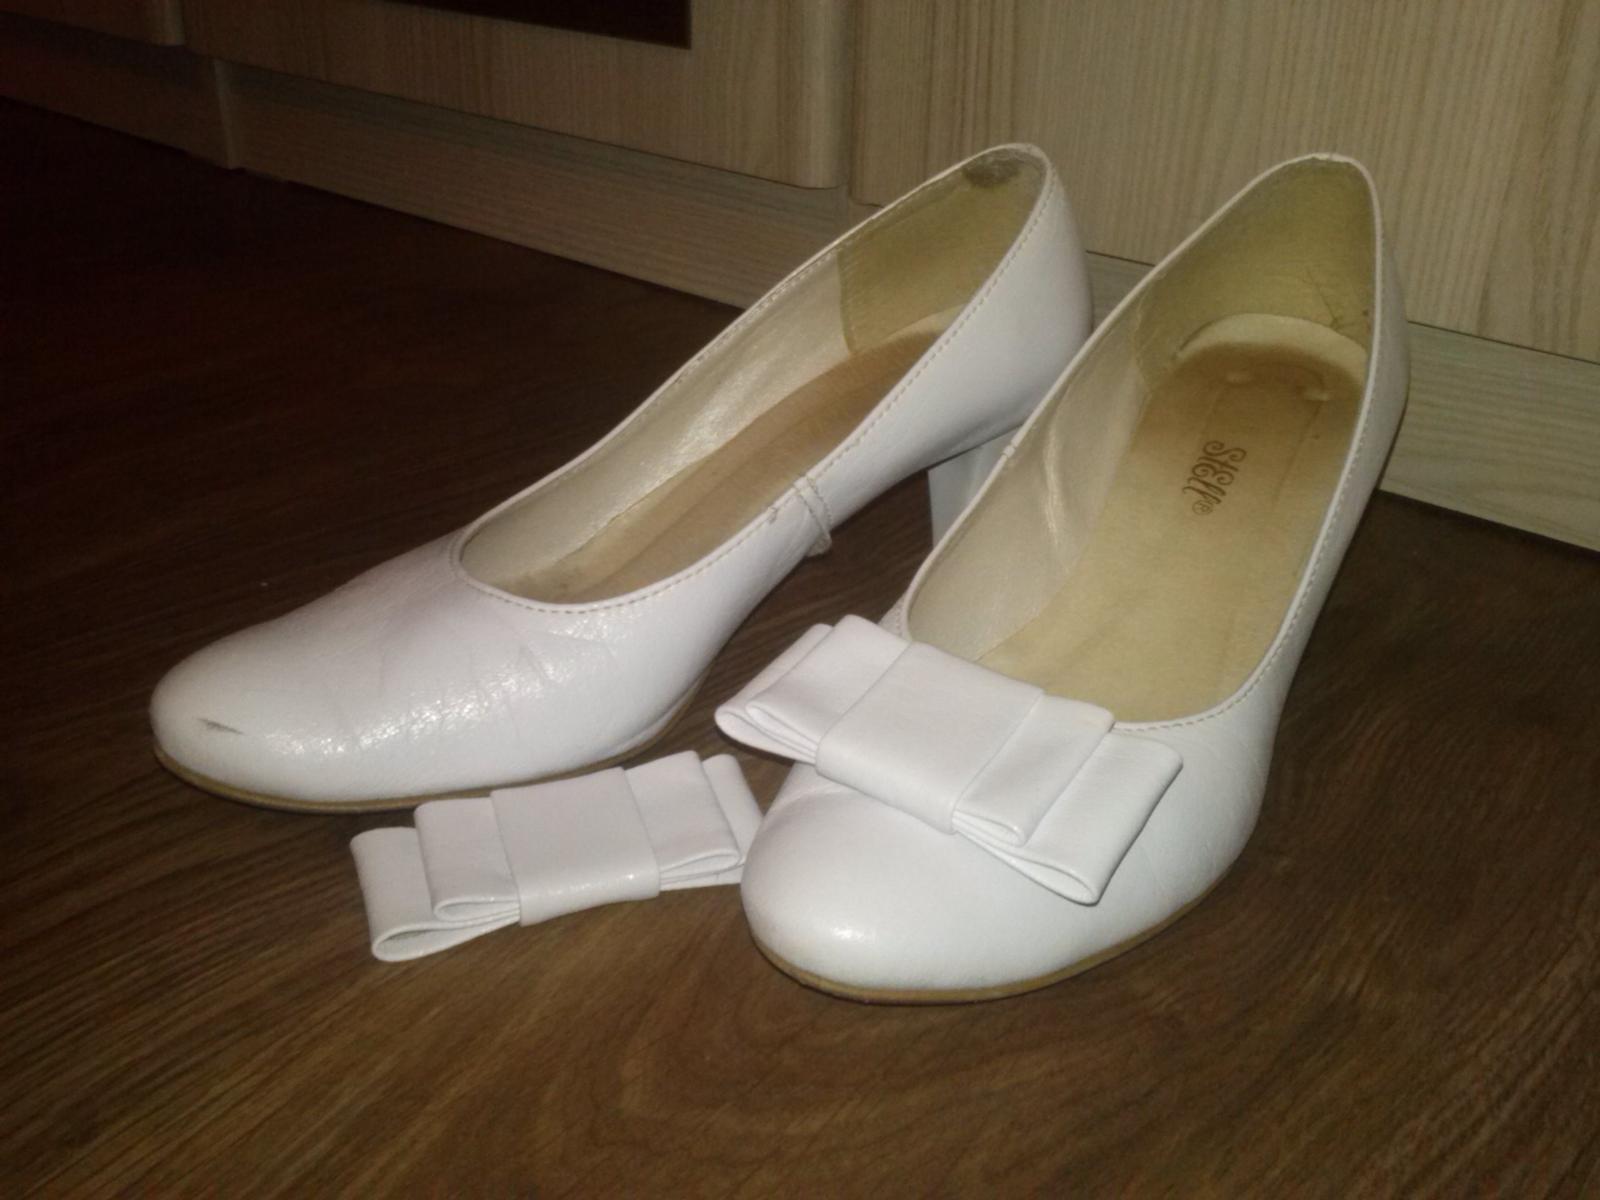 Biele topánky - 39 - - Obrázok č. 1